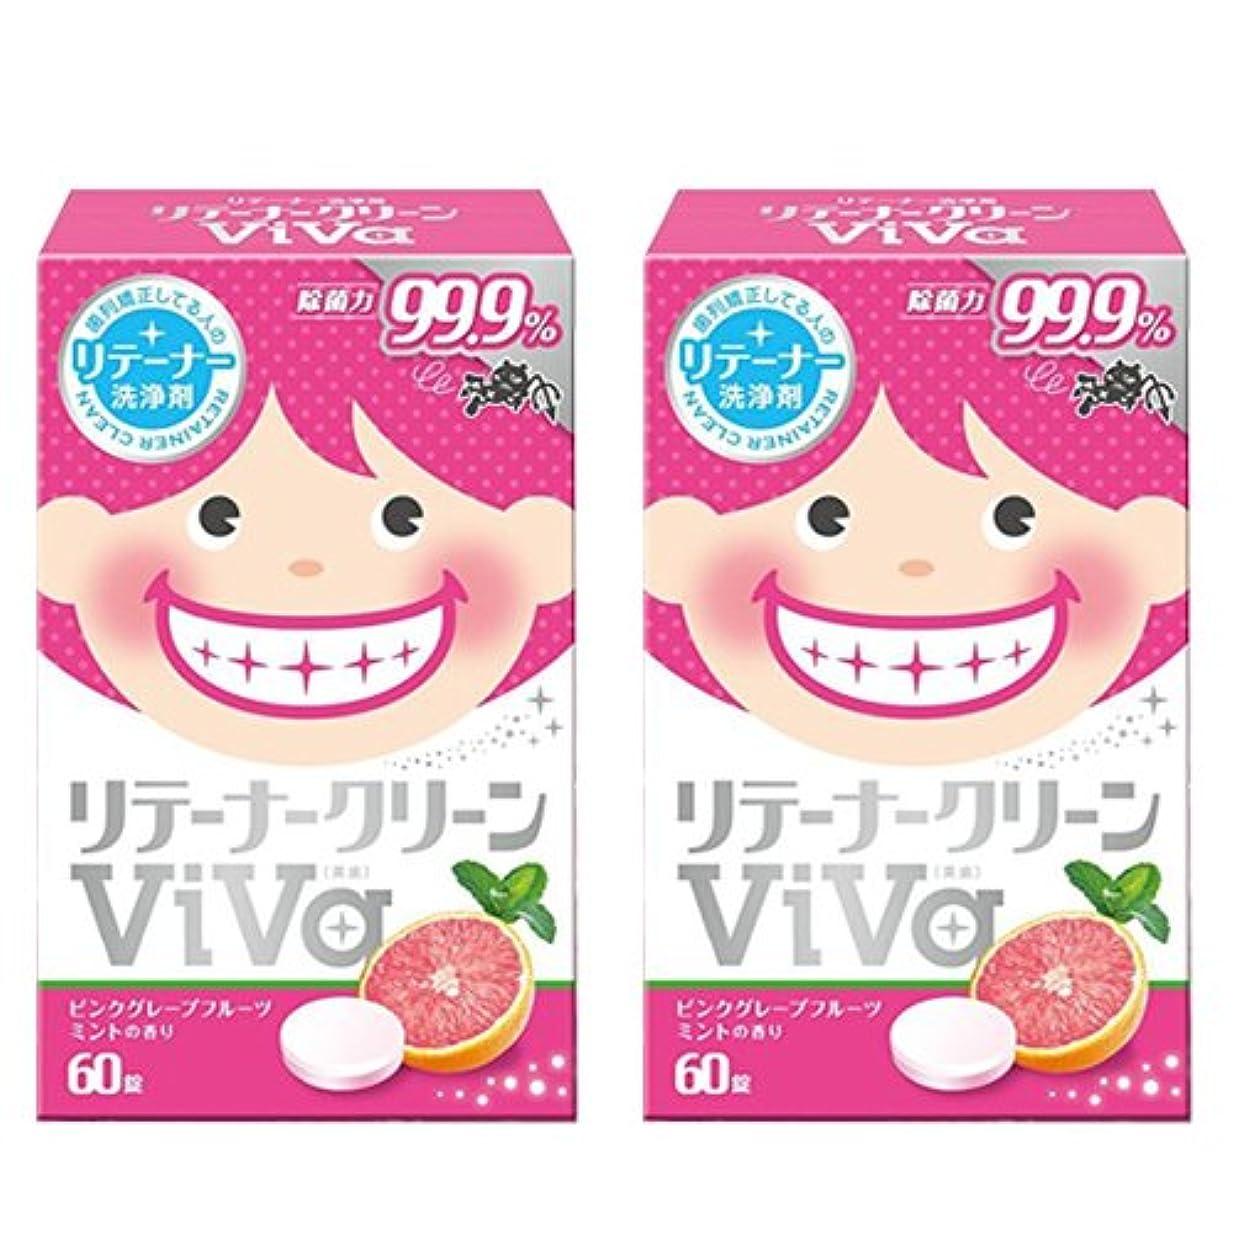 ベンチではごきげんよう未知のリテーナークリーン ViVa 60錠 歯列矯正している人のリテーナー洗浄剤 (2箱)